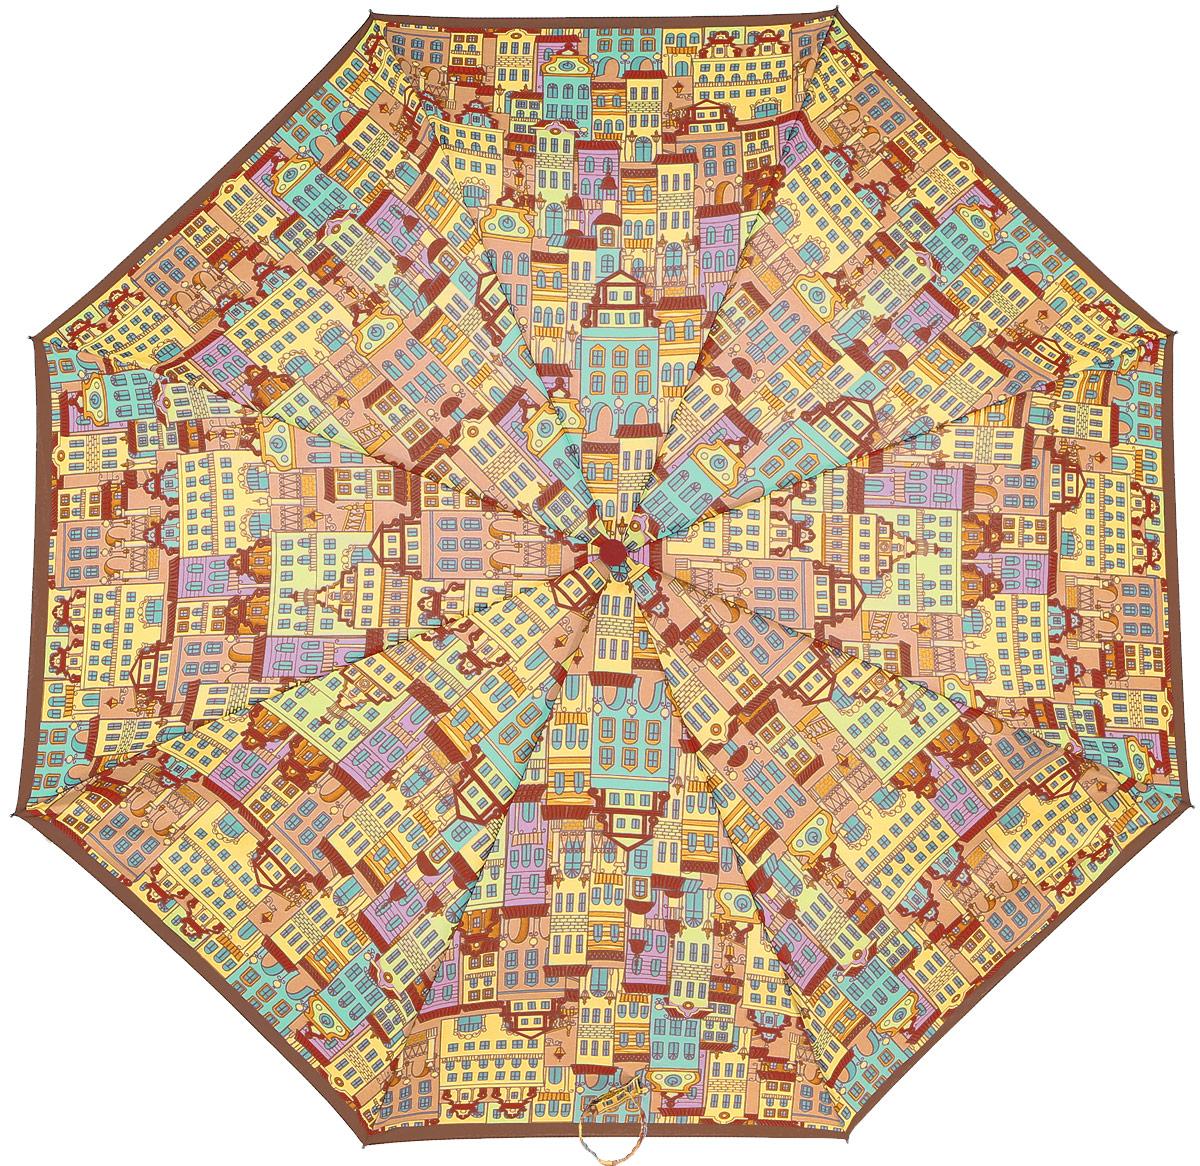 Зонт женский Airton, механический, 3 сложения, цвет: оранжевый, голубой. 3515-1213515-121Классический женский зонт Airton в 3 сложения имеет механическую систему открытия и закрытия. Каркас зонта выполнен из восьми спиц на прочном стержне. Купол зонта изготовлен из прочного полиэстера. Практичная рукоятка закругленной формы разработана с учетом требований эргономики и выполнена из качественного пластика с противоскользящей обработкой. Такой зонт оснащен системой антиветер, которая позволяет спицам при порывах ветрах выгибаться наизнанку, и при этом не ломаться. К зонту прилагается чехол.